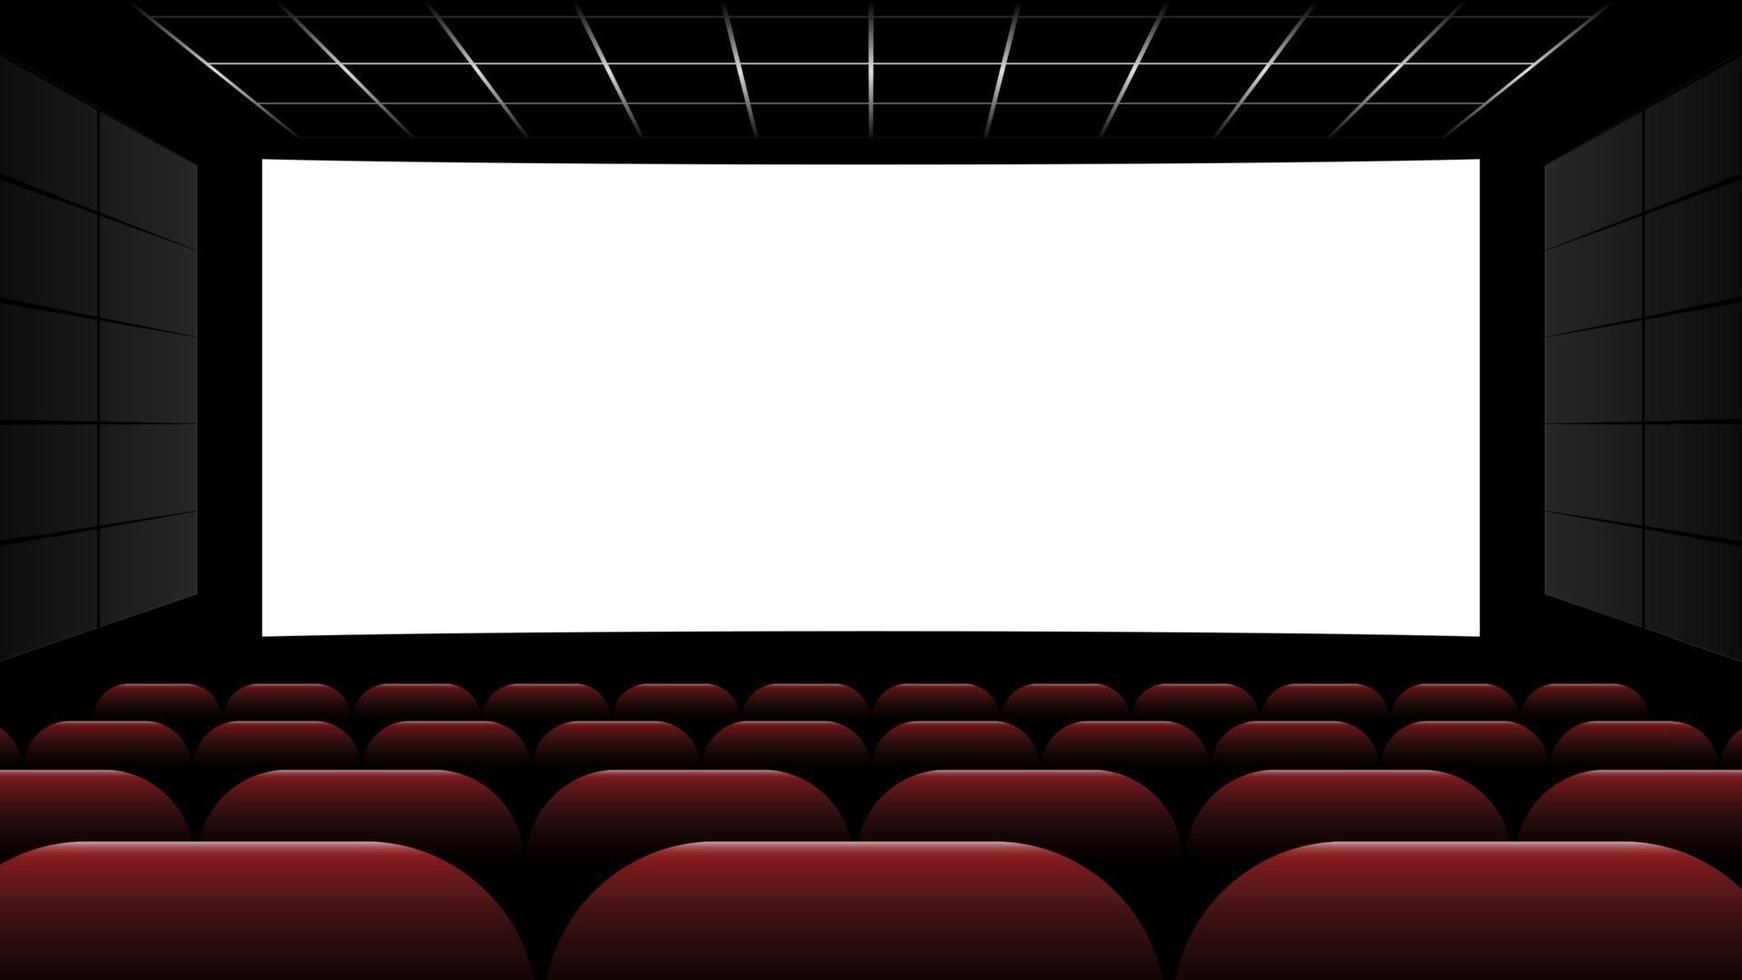 bioscoop bioscoop met leeg scherm en rode stoelen, vectorillustratie vector